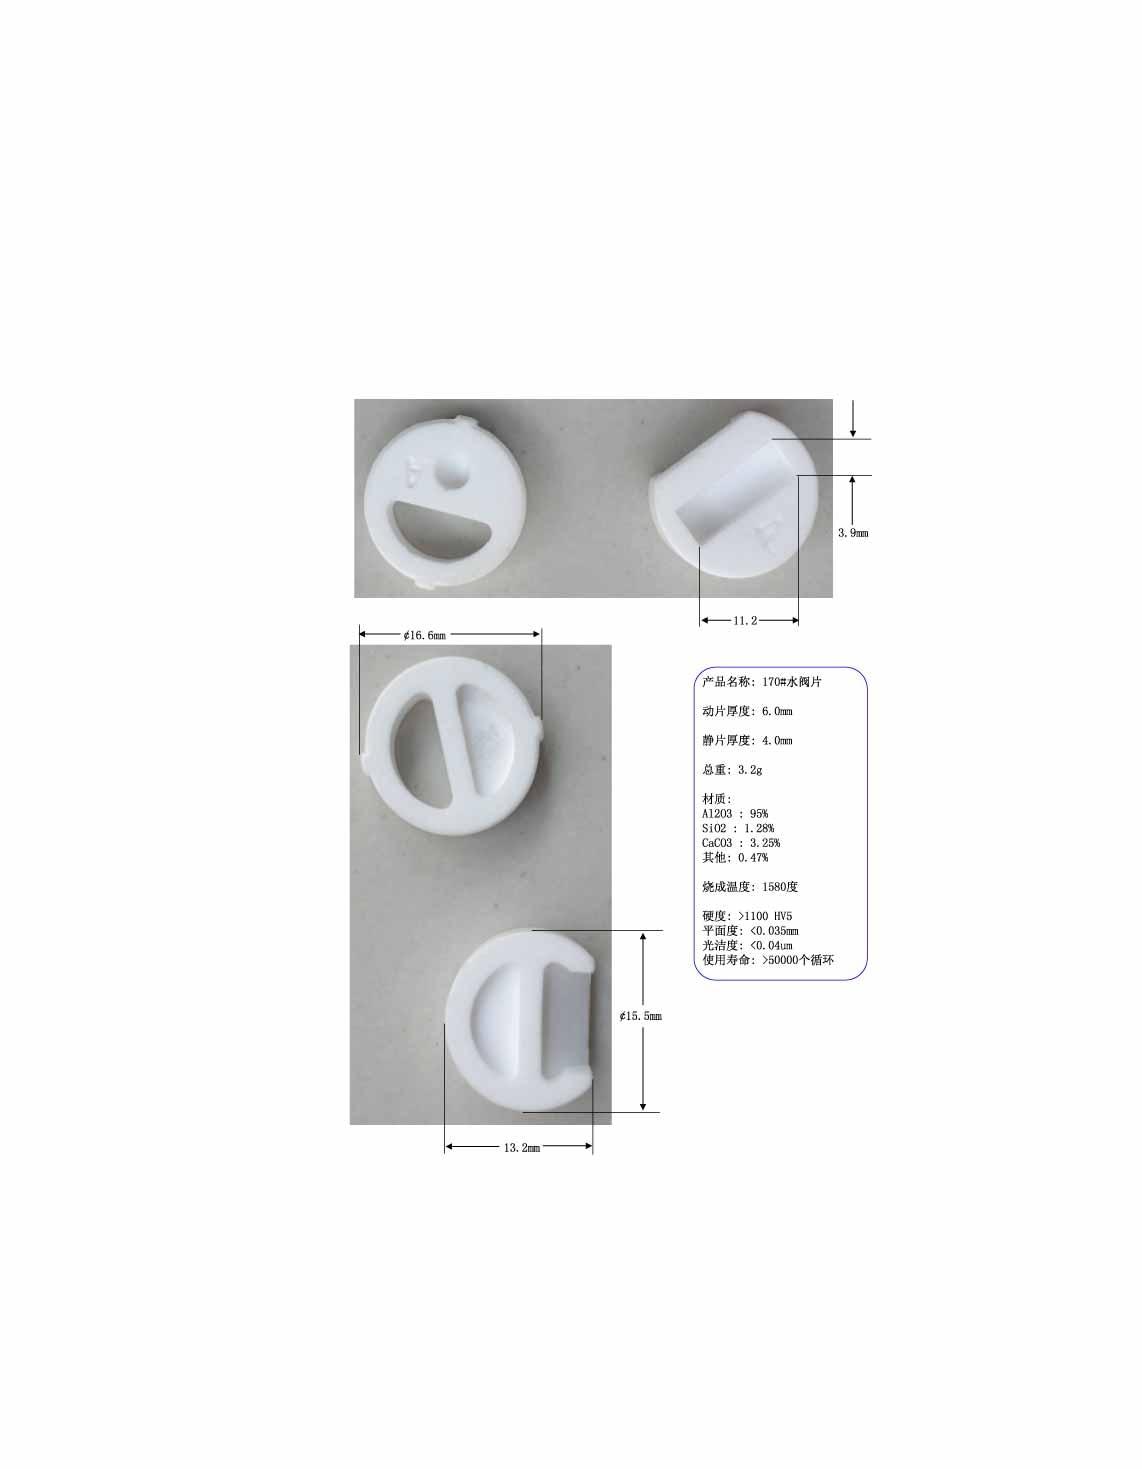 170# water separator water valve, alumina ceramic, water separator tiles, 6 ceramic faucet dn19 manual sanitary aseptic sampling valve